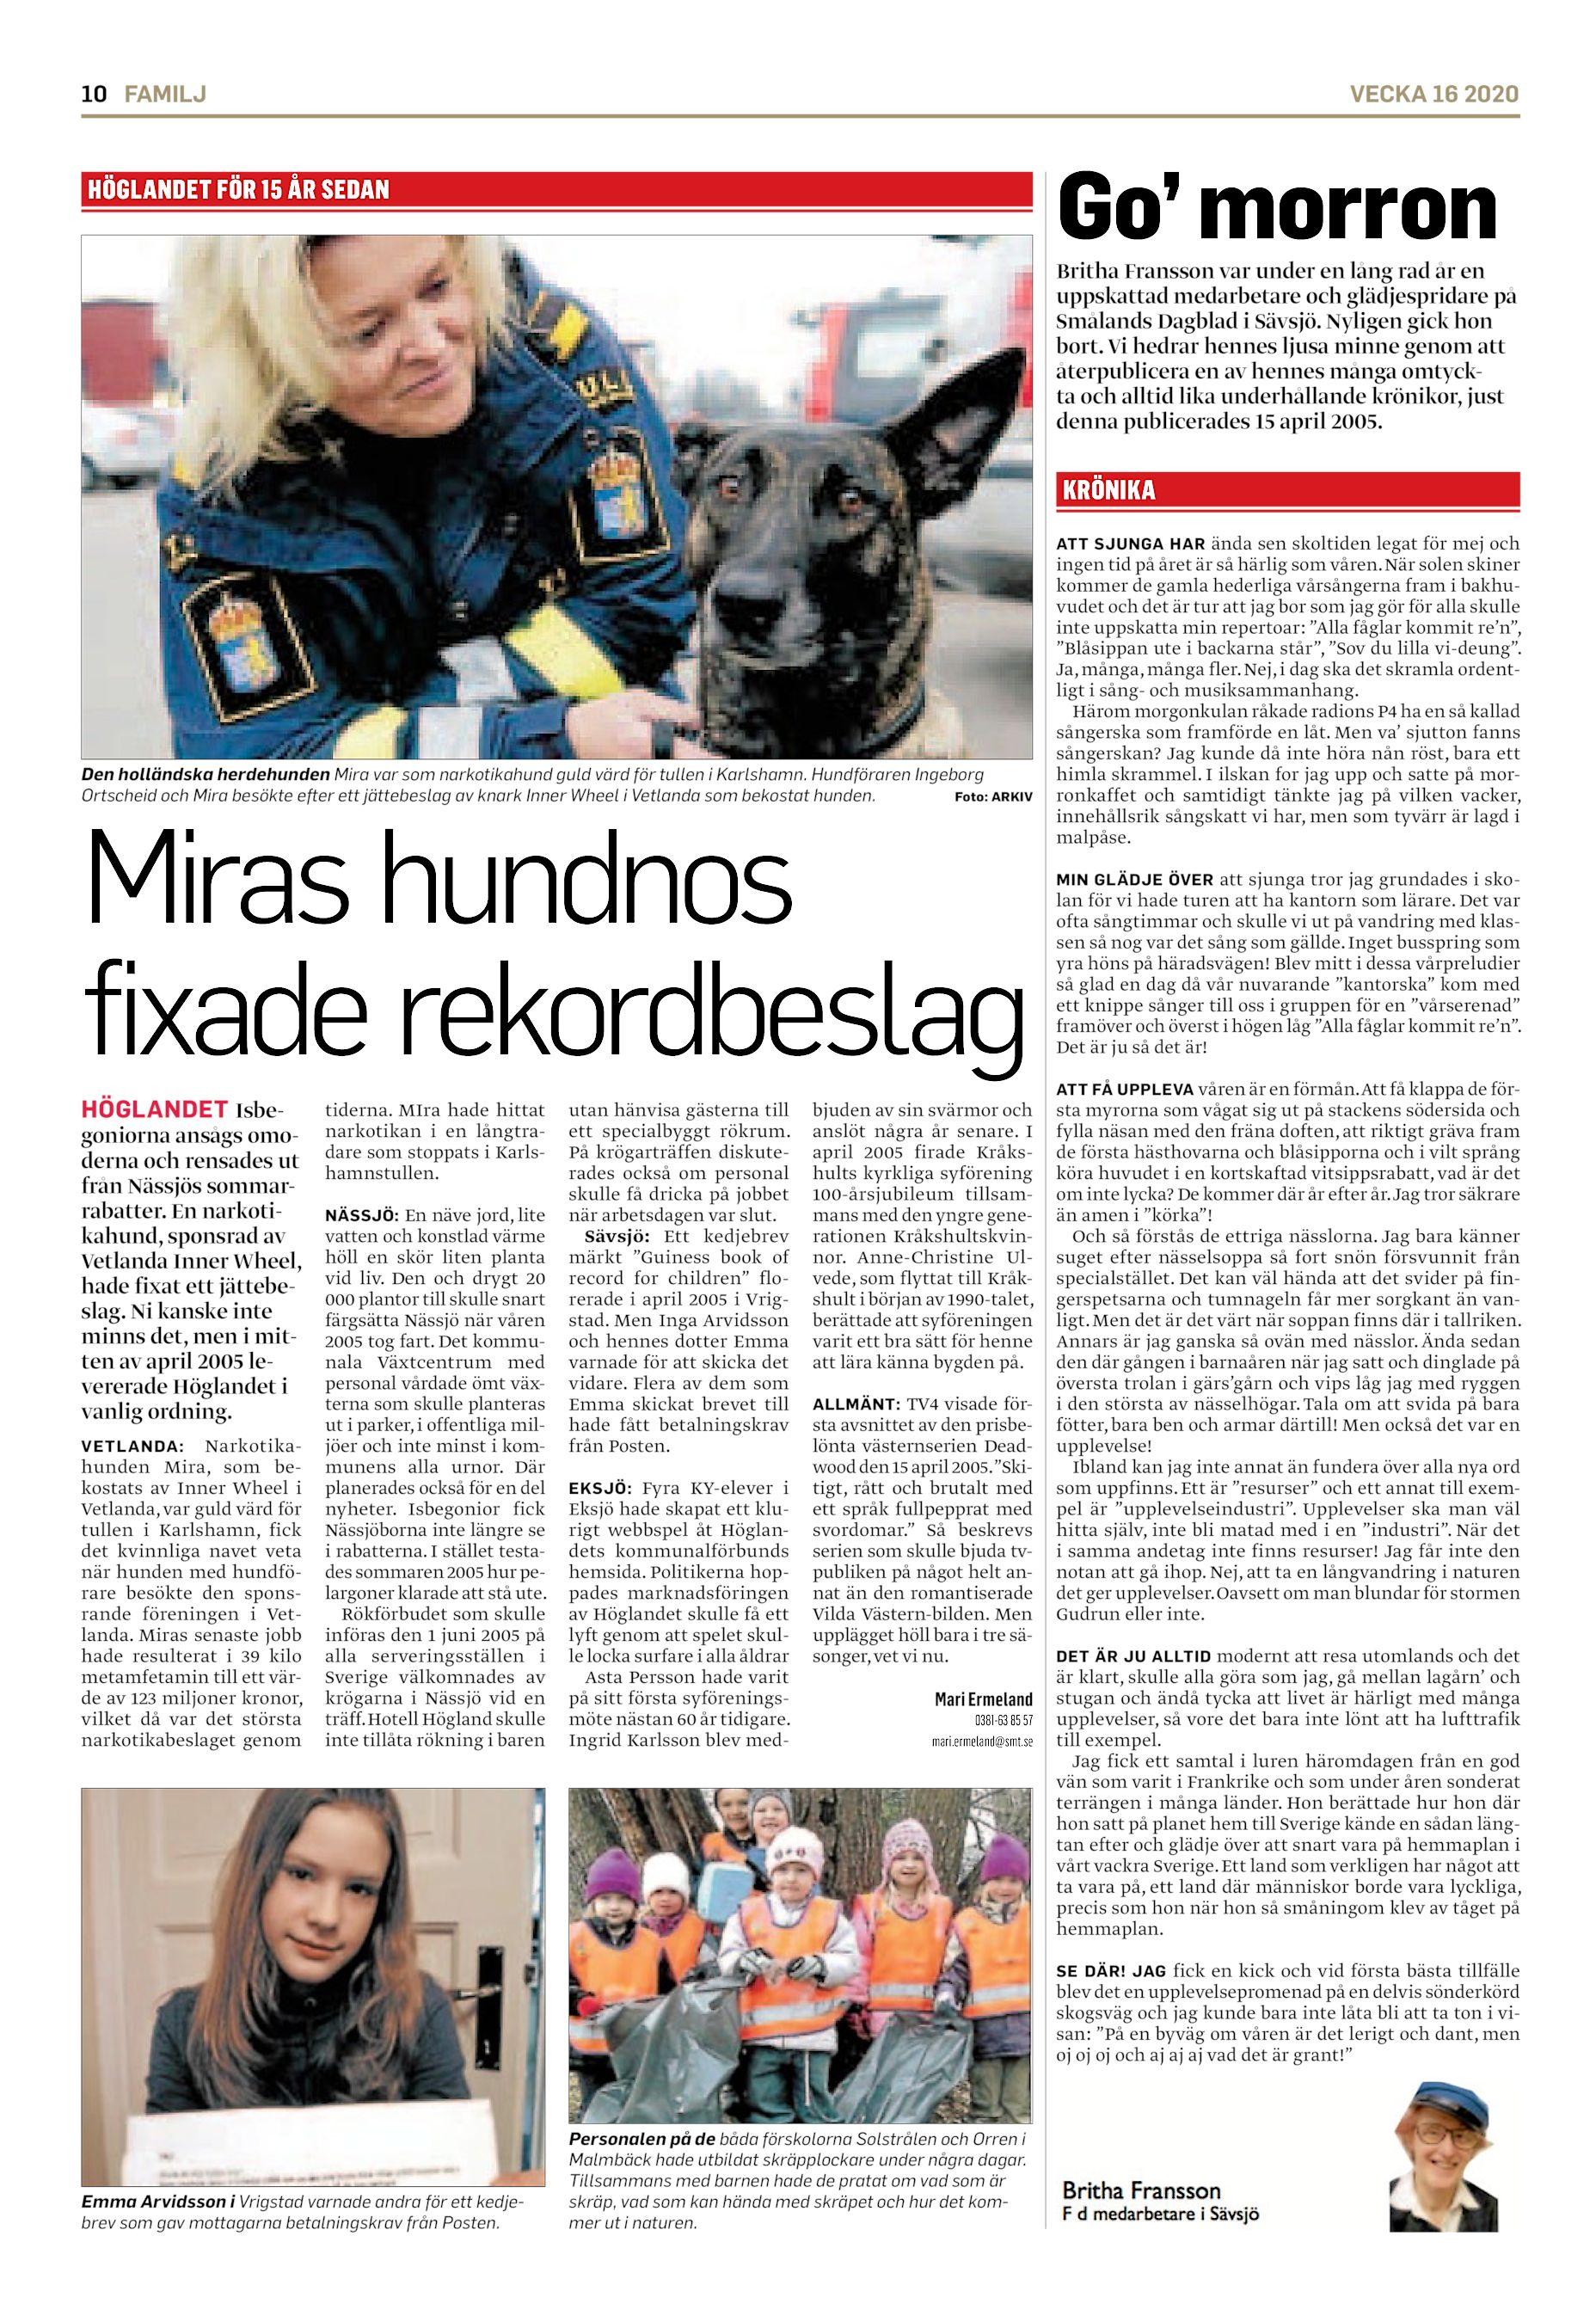 Dejting ldre Kvinnor Halmstad - Svenska Dating Vetlanda